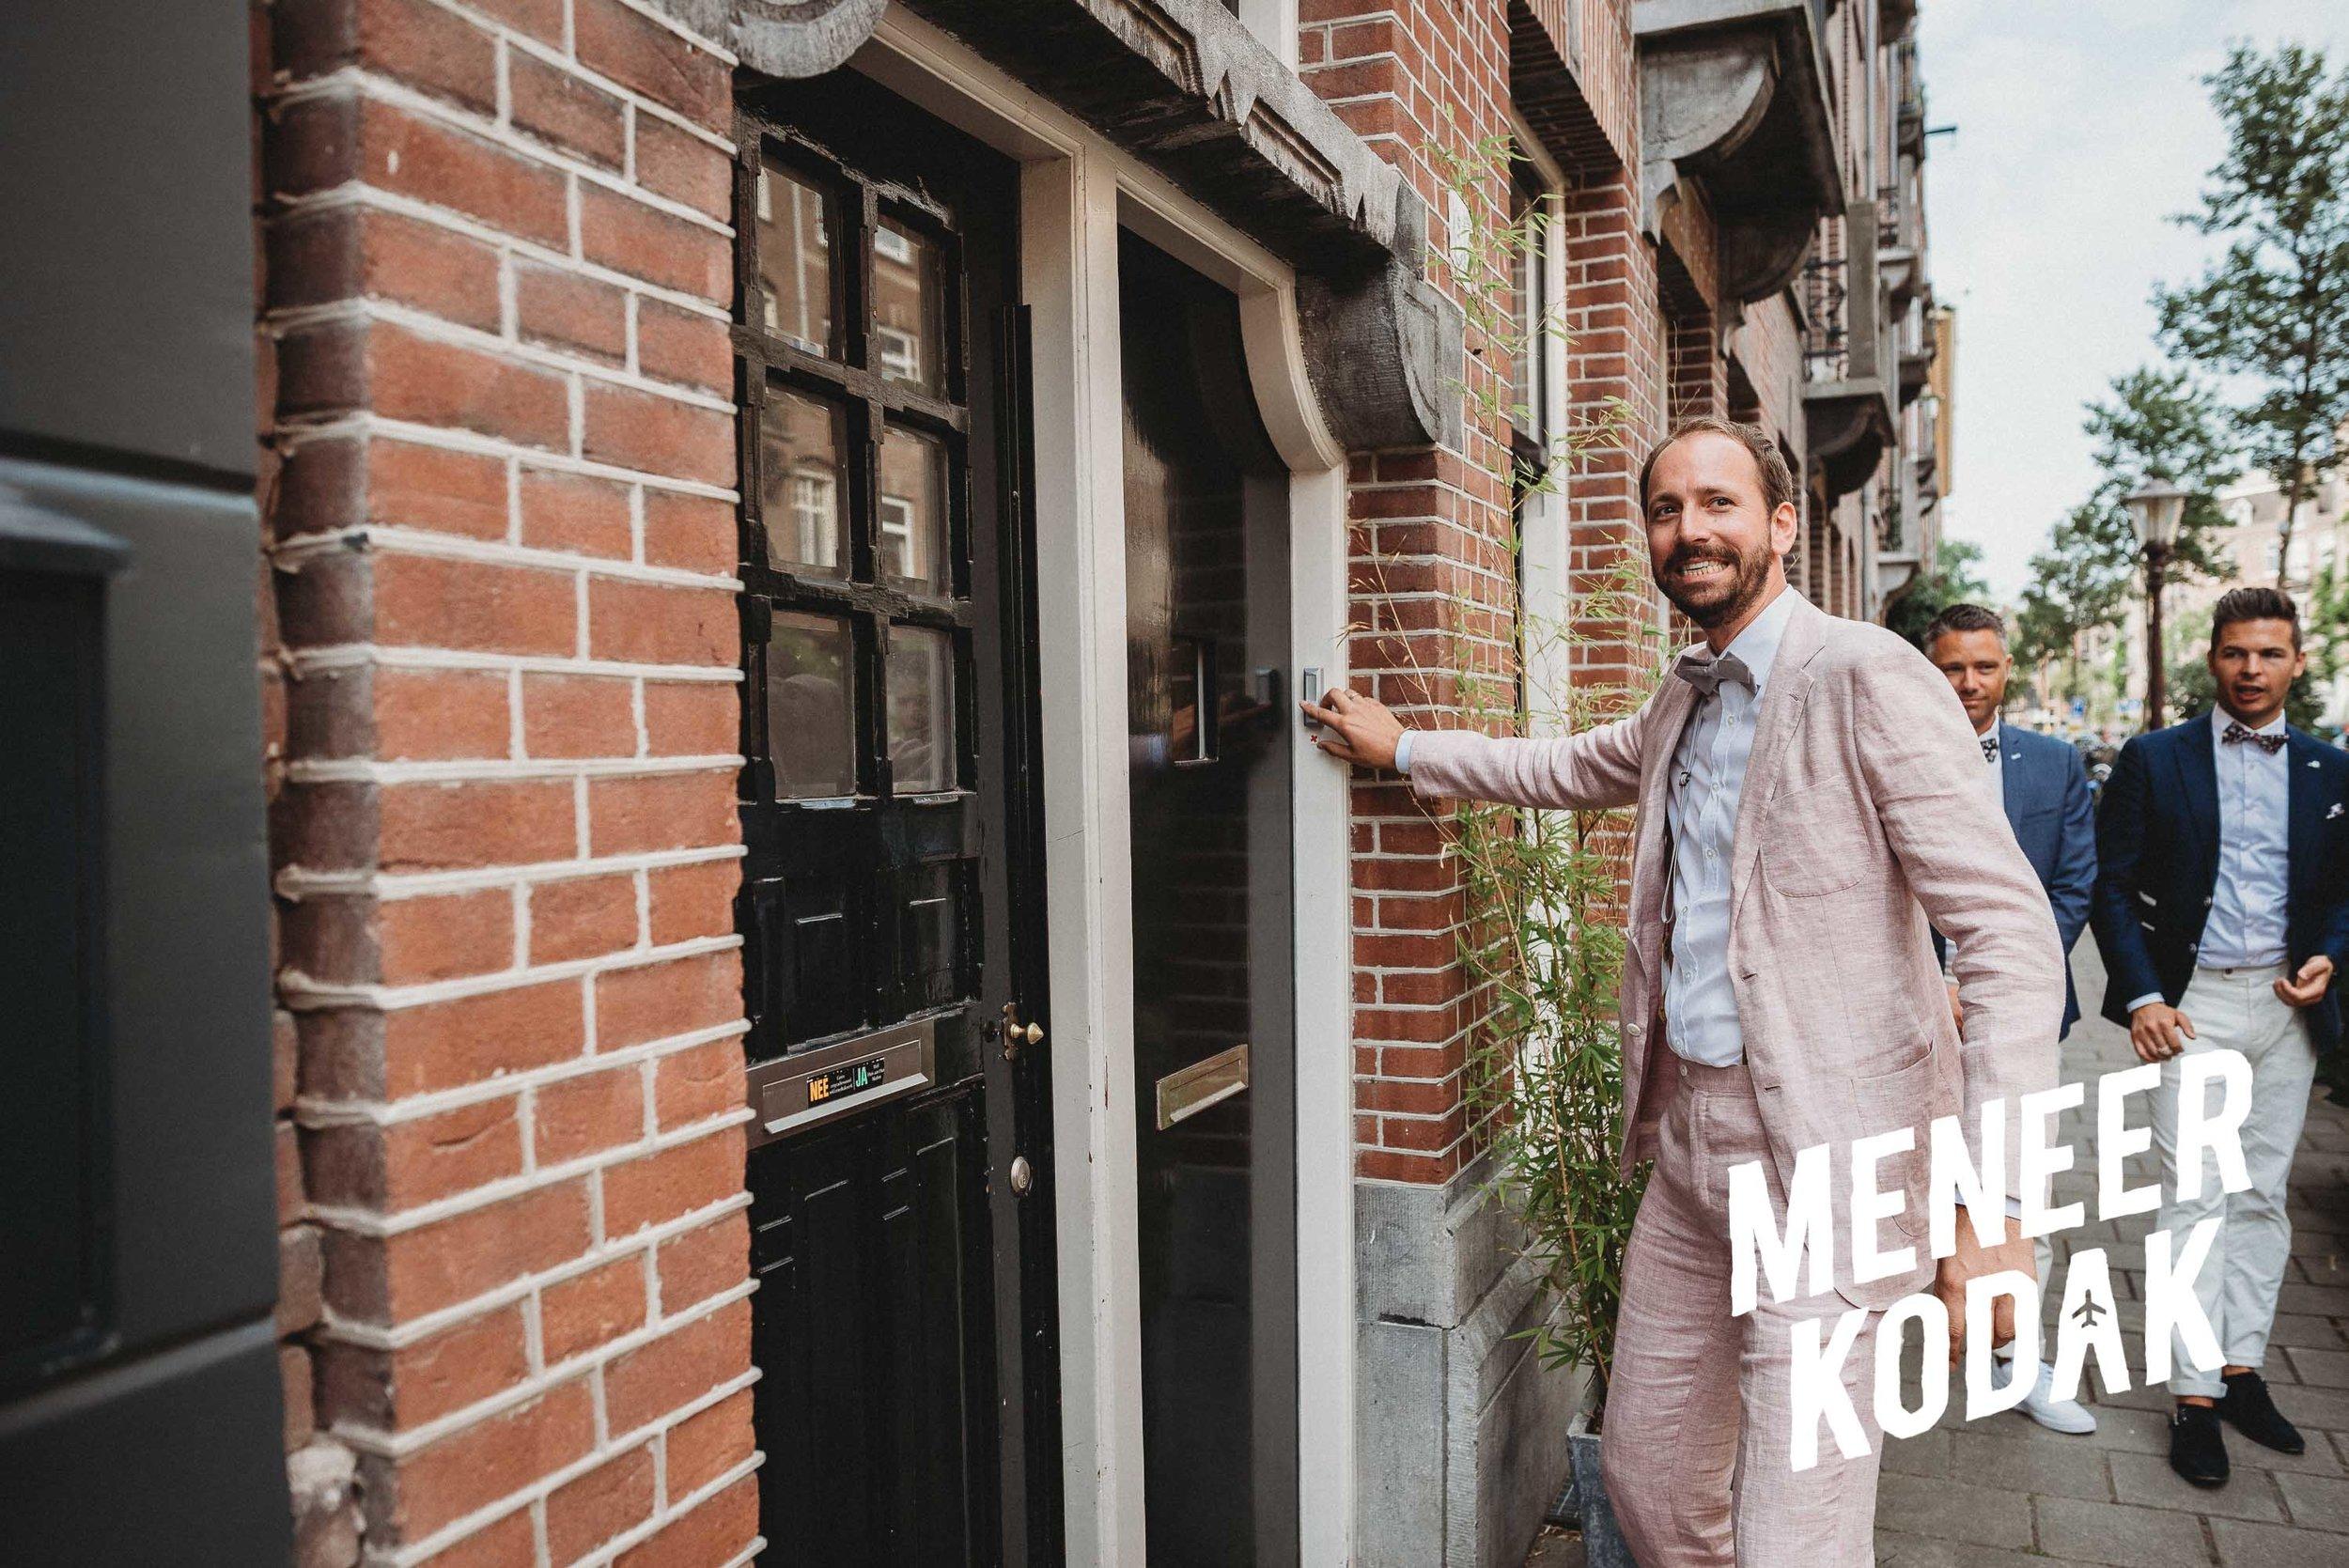 Meneer Kodak - Trouwfotograaf - Amsterdam - H&T-031.jpg